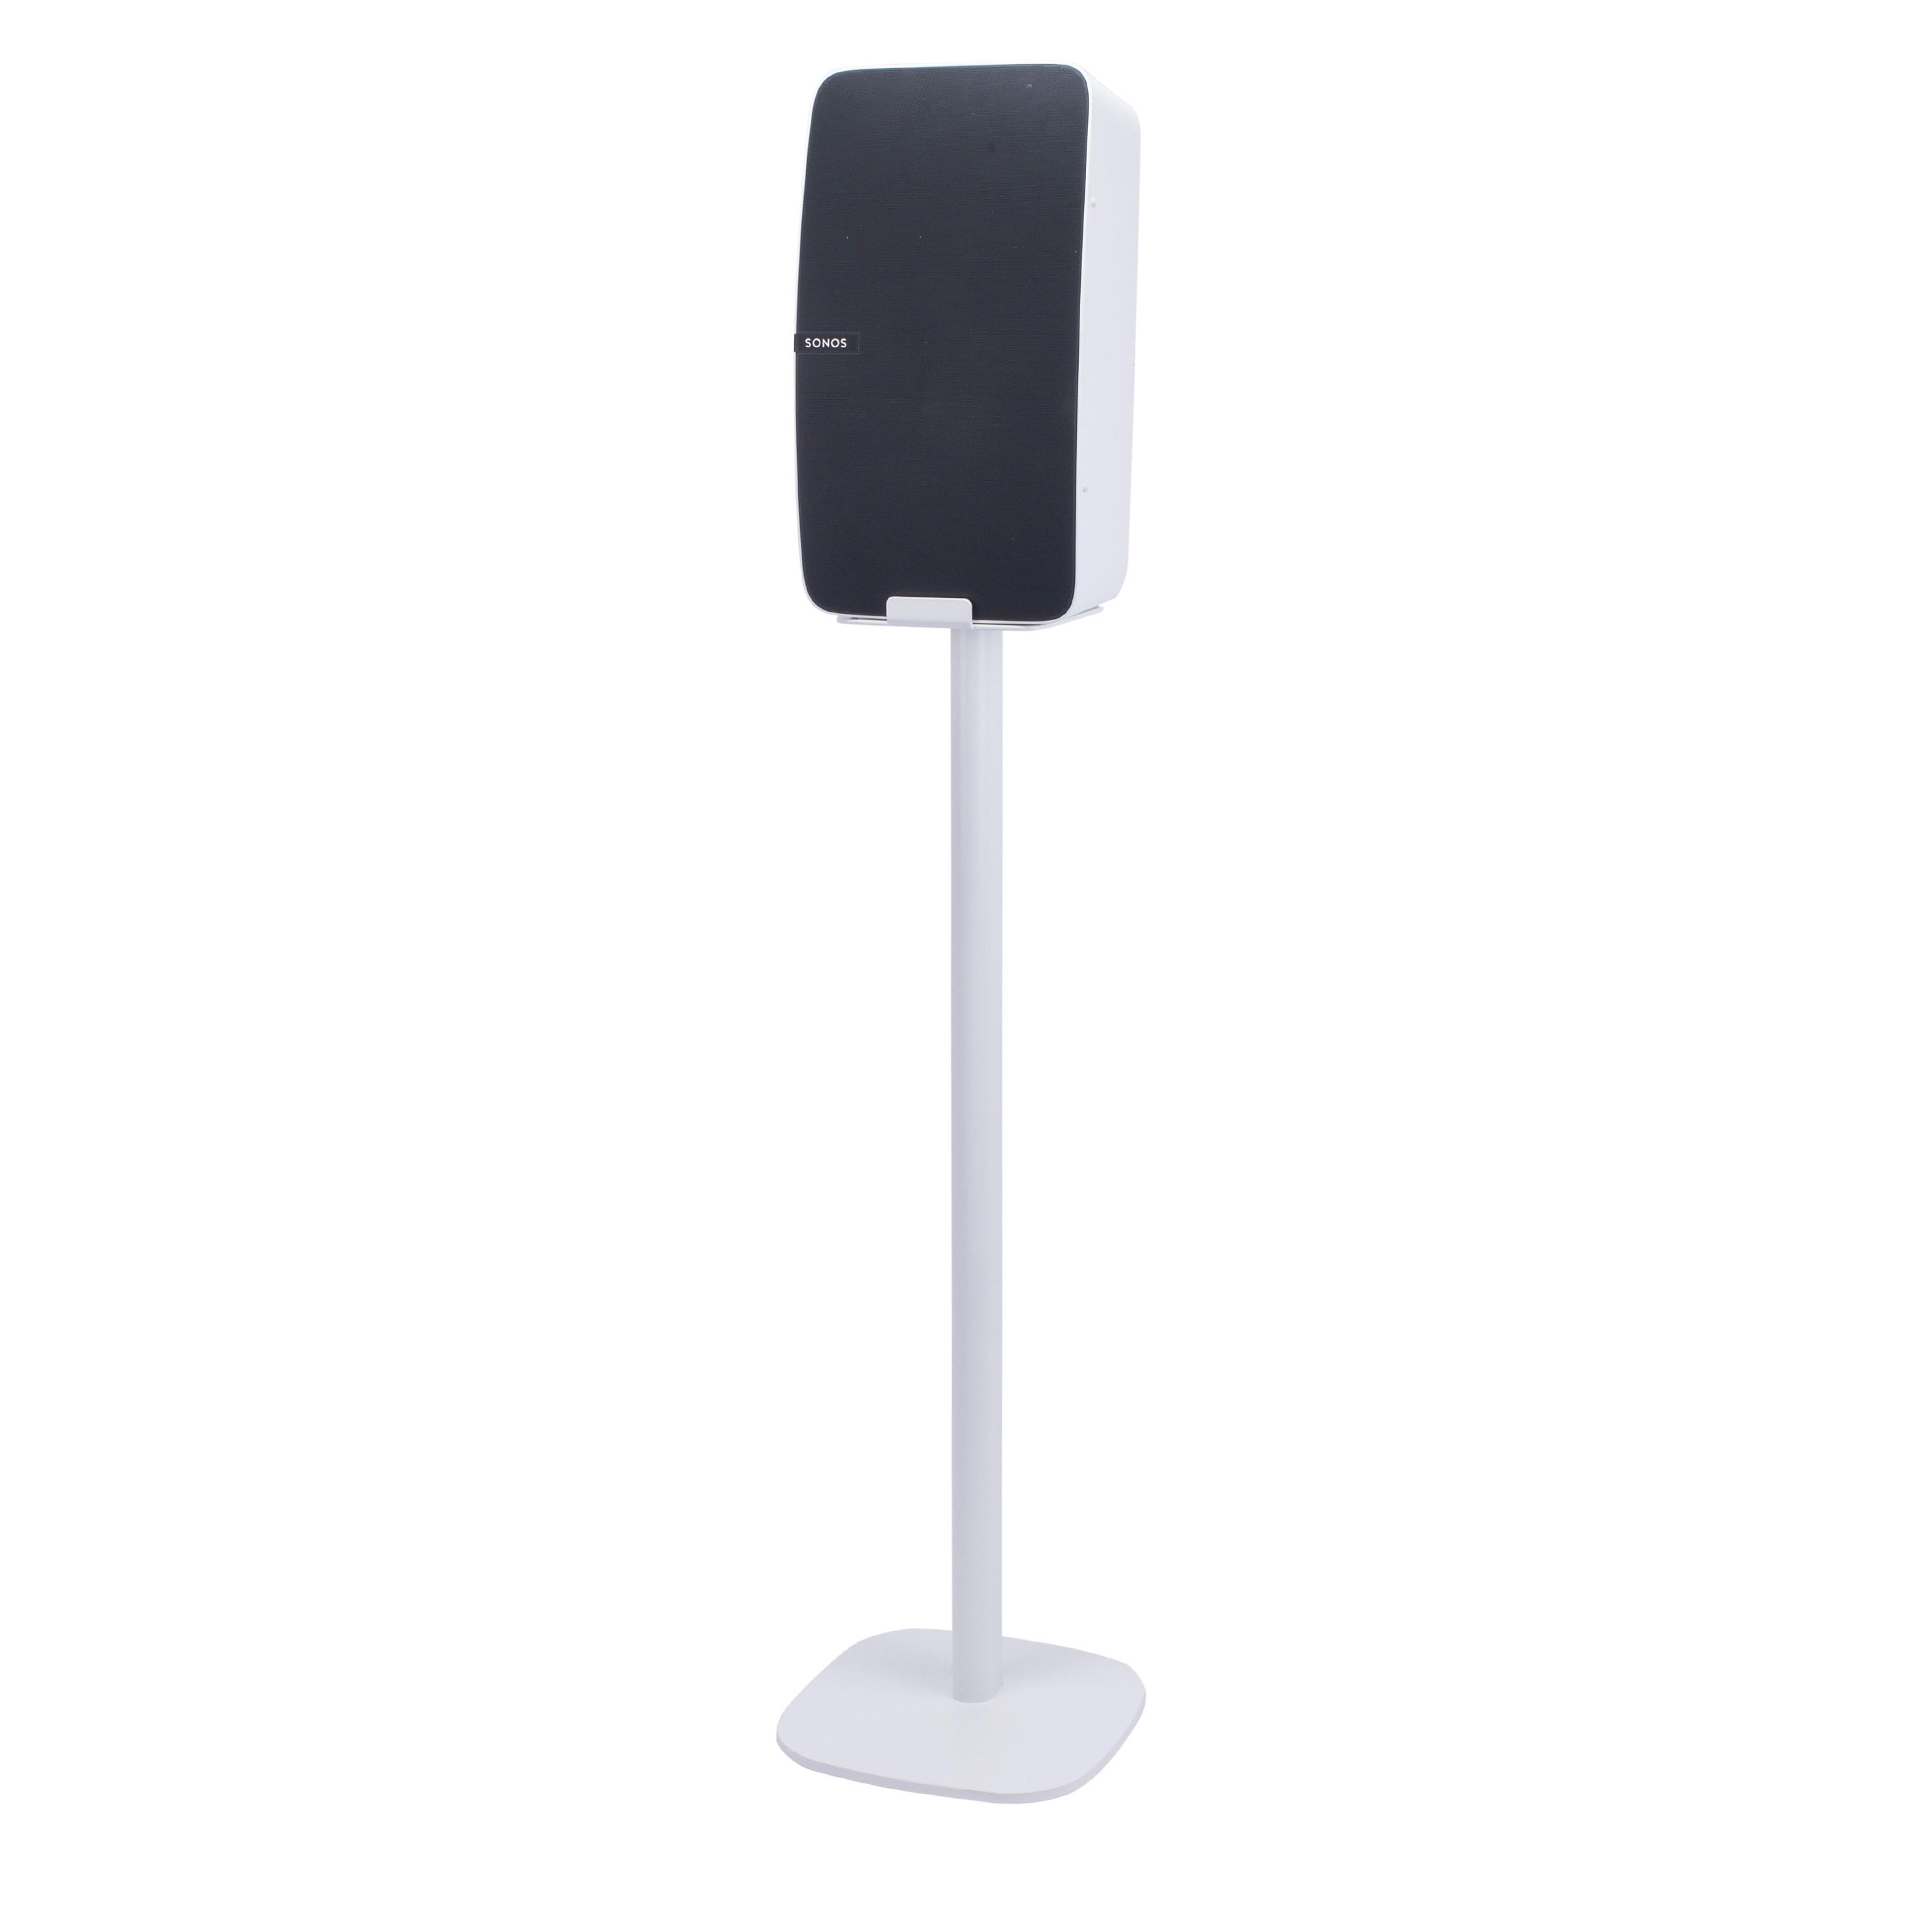 Sonos Play 5 Stand Gen 1